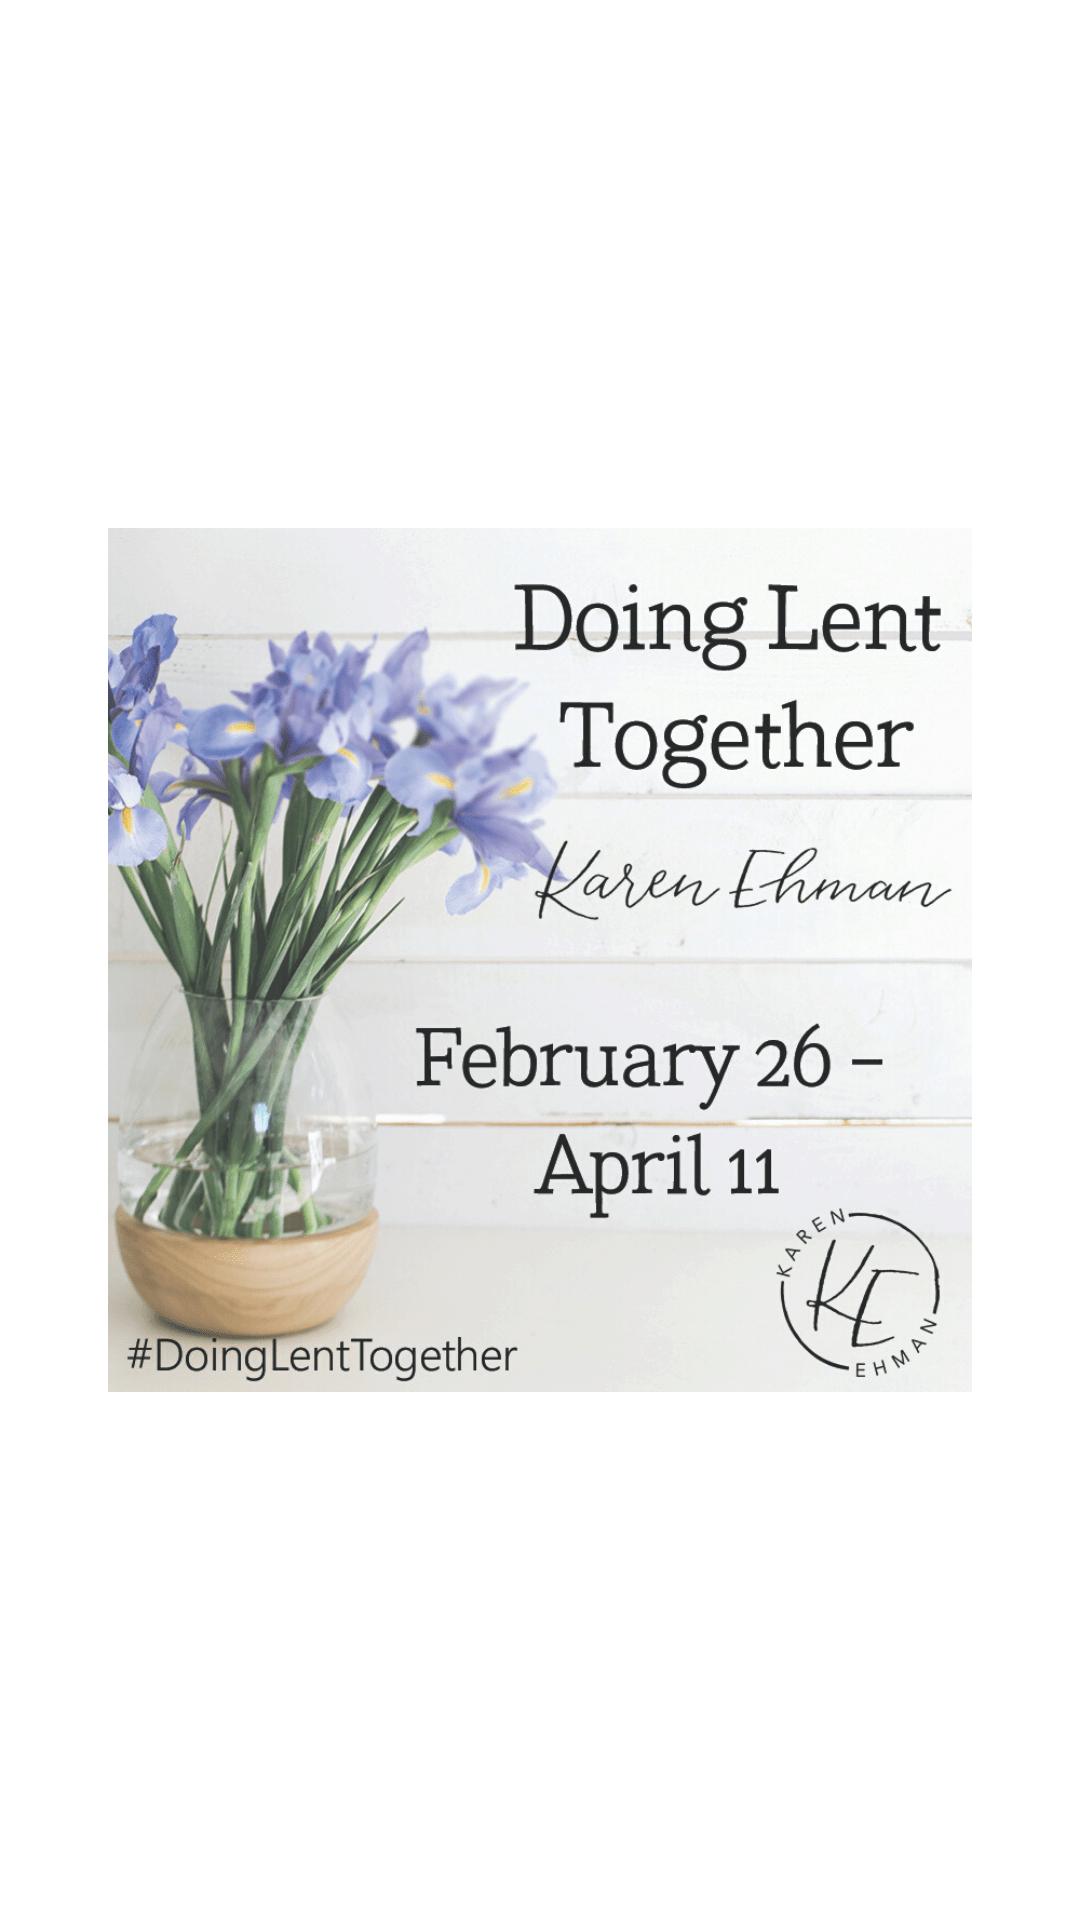 Doing Lent Together